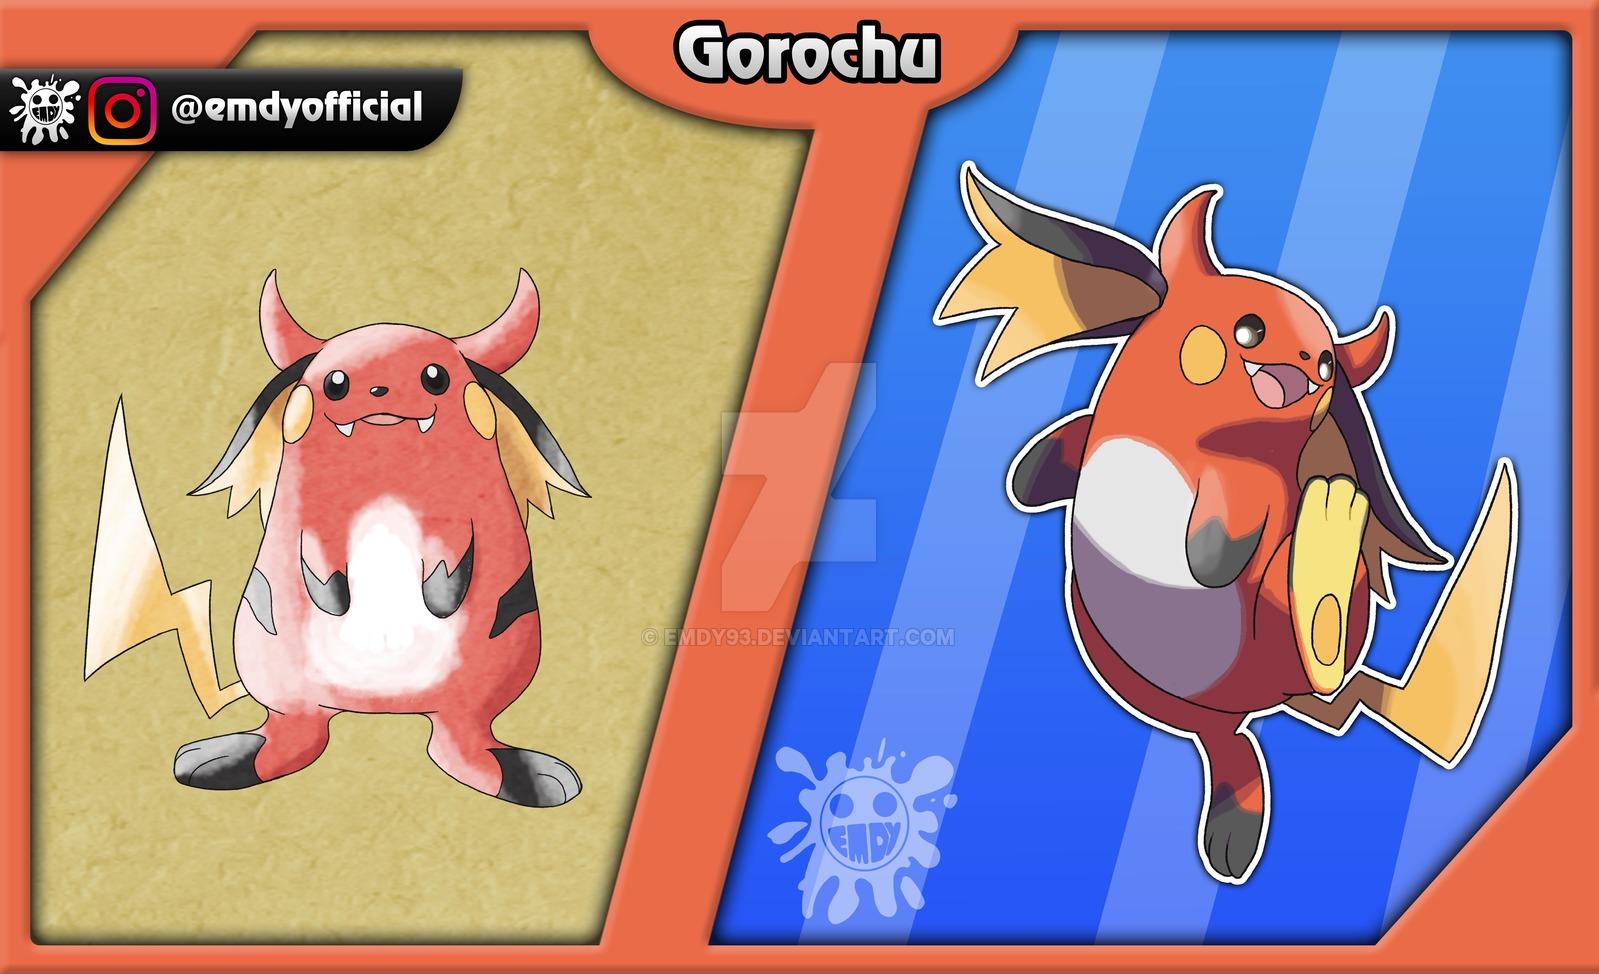 Gorochu